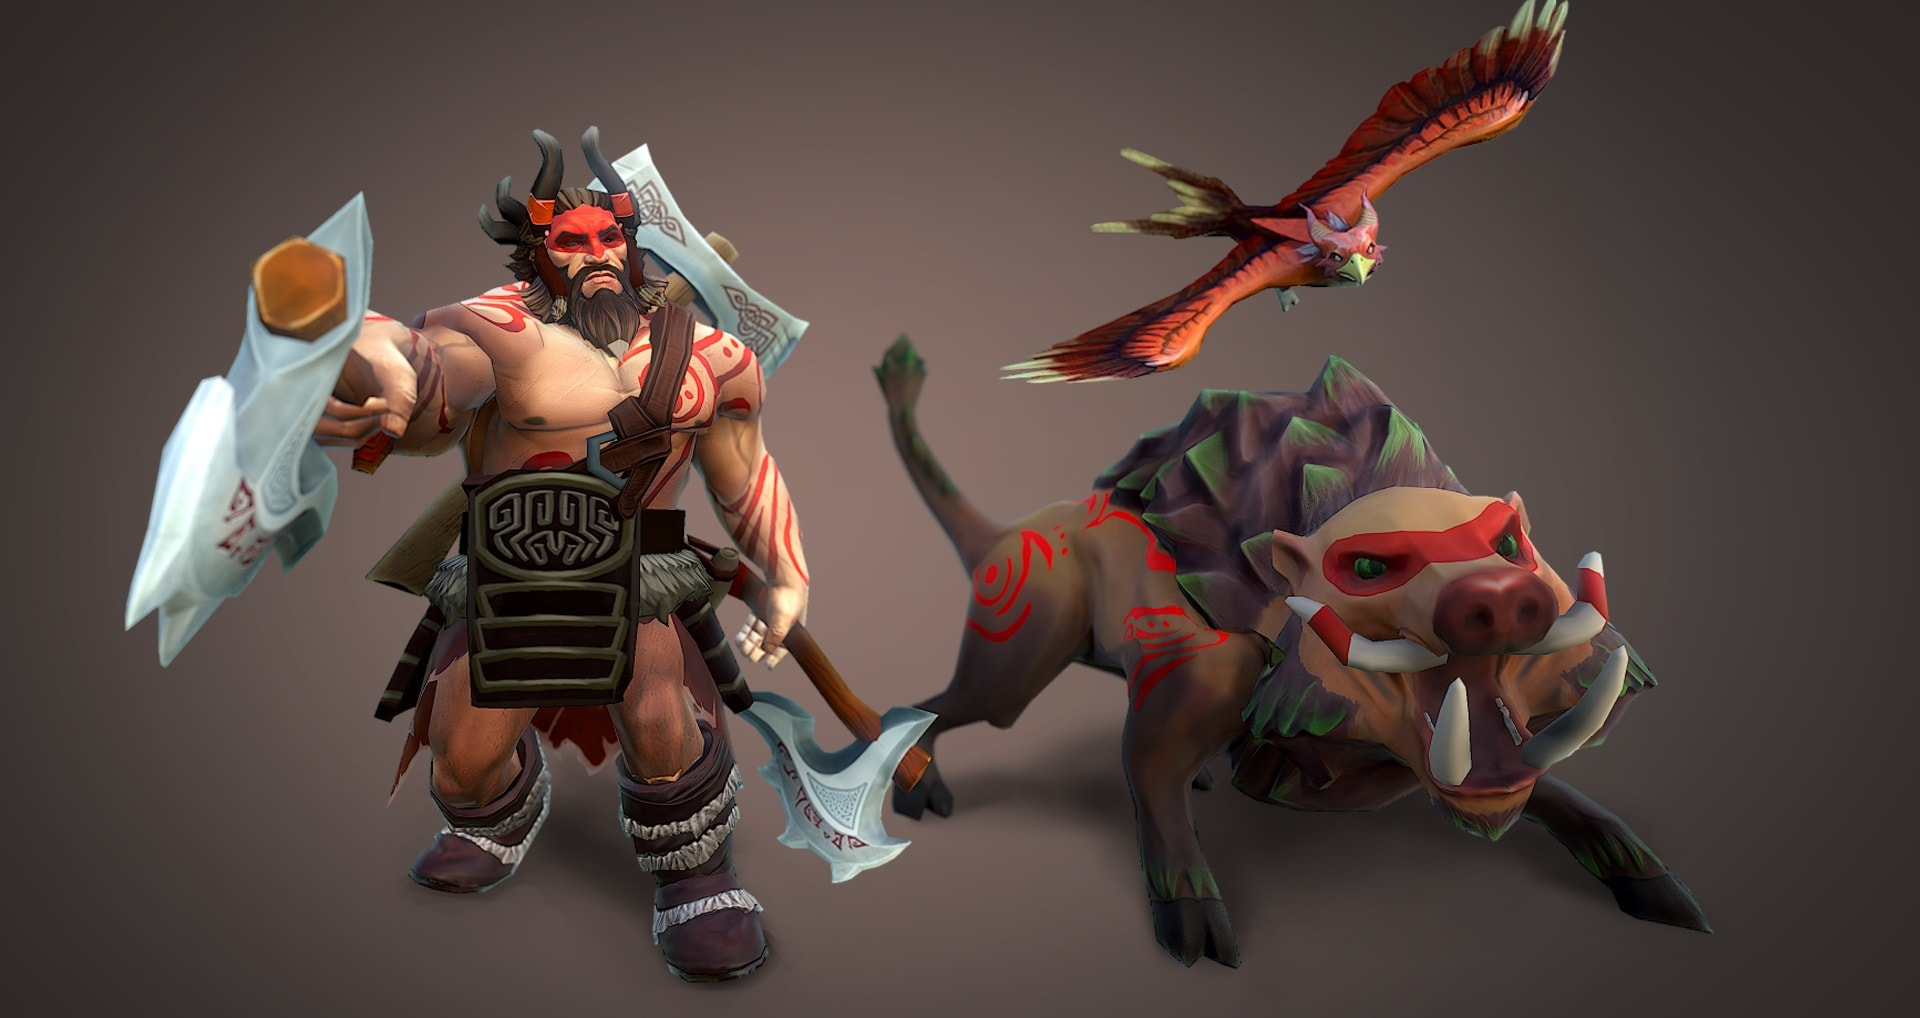 Dota2 : Beastmaster Wallpaper